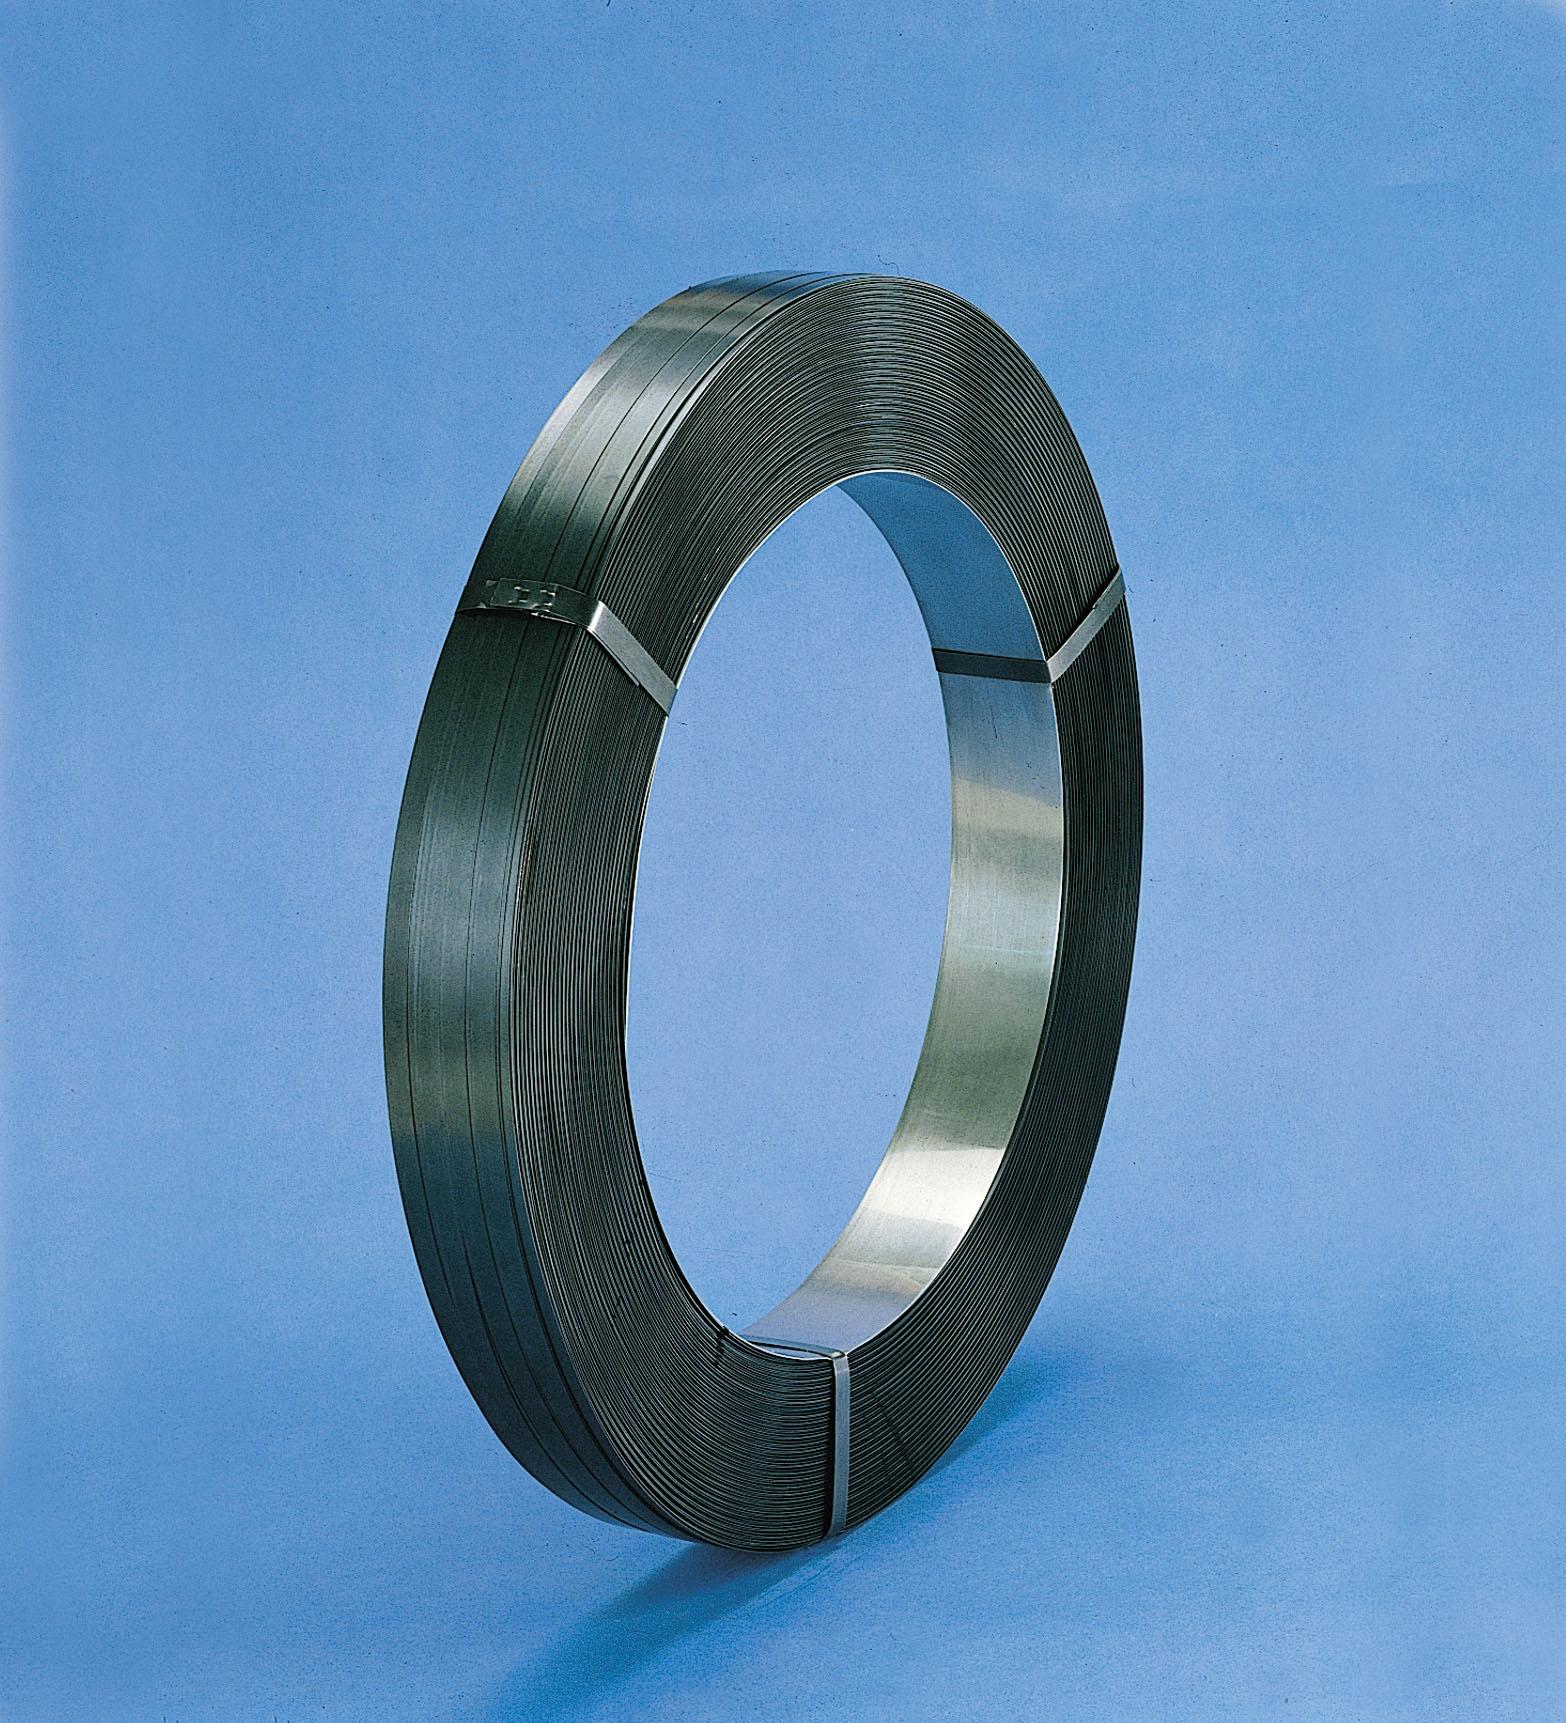 снимка на steel strap